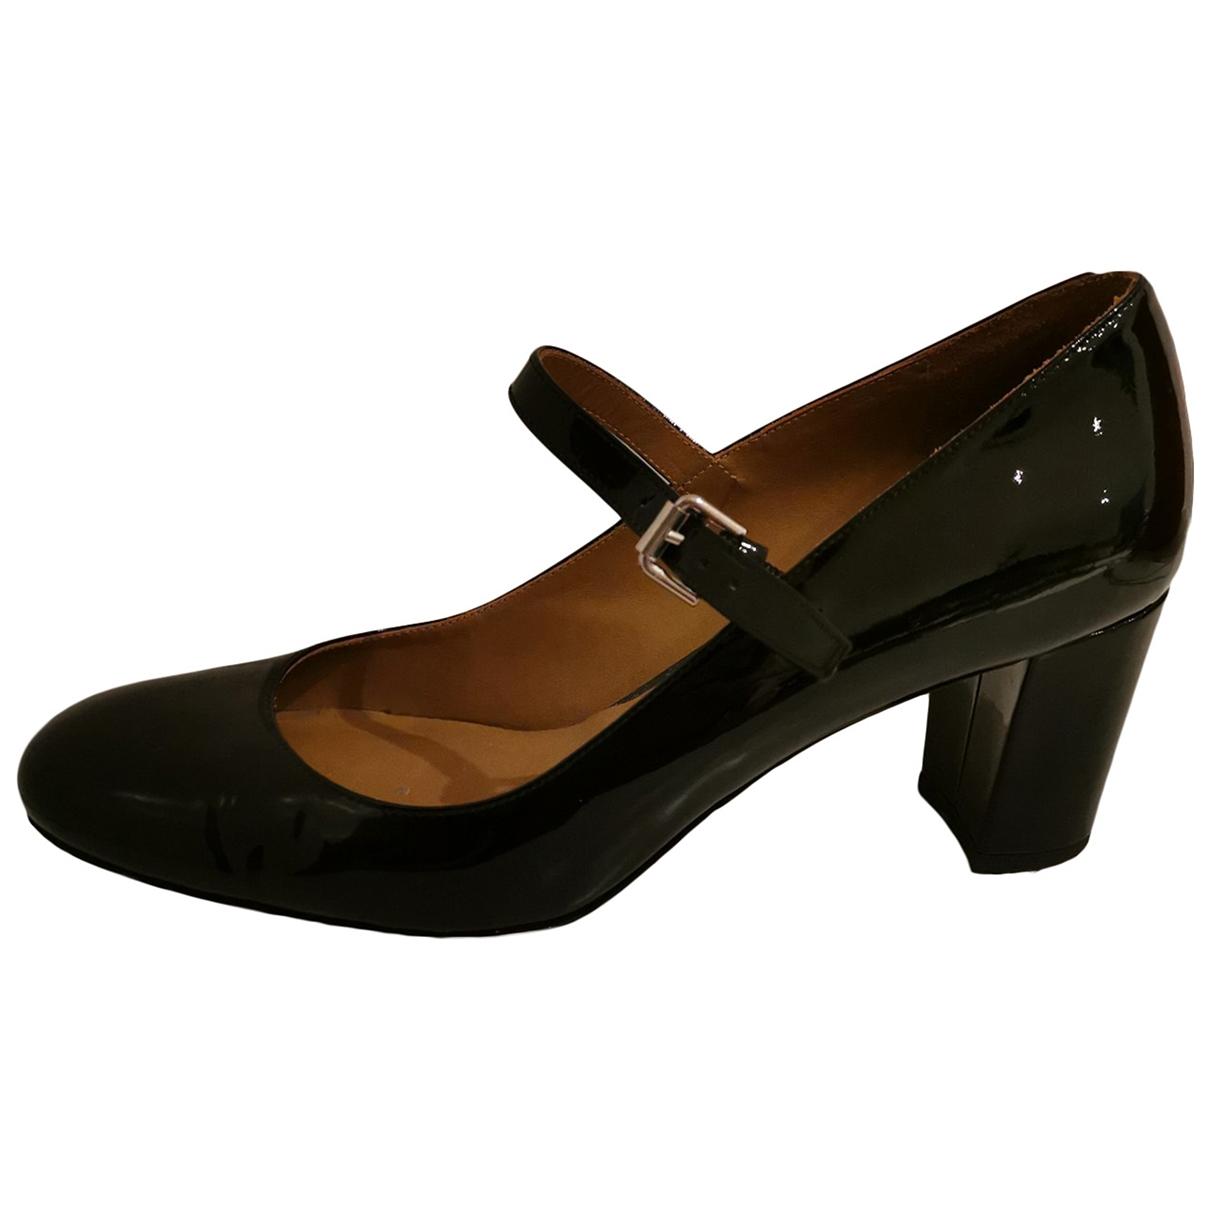 Polo Ralph Lauren - Escarpins   pour femme en cuir verni - noir